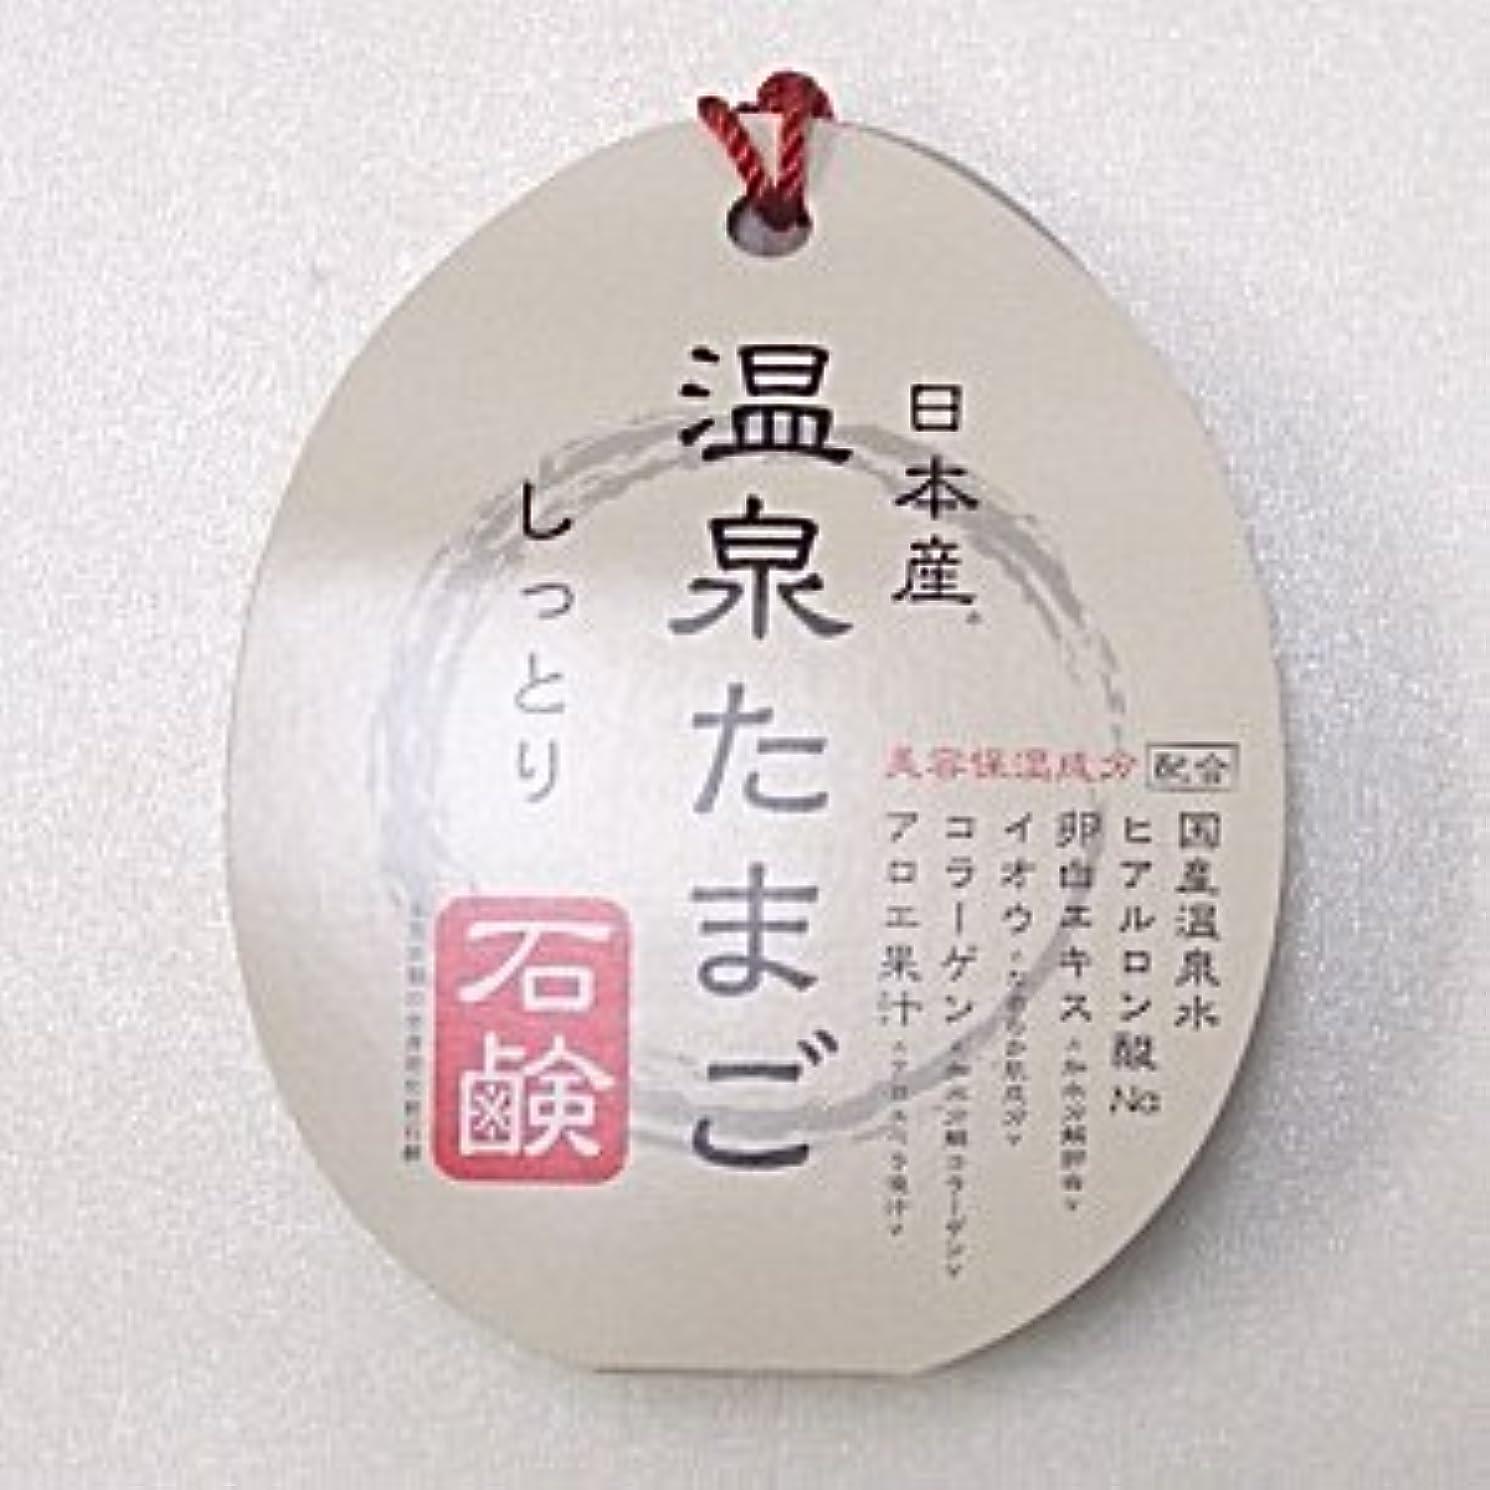 兵器庫マトリックスエンゲージメント日本産 温泉たまご石鹸 しっとりタイプ 75g